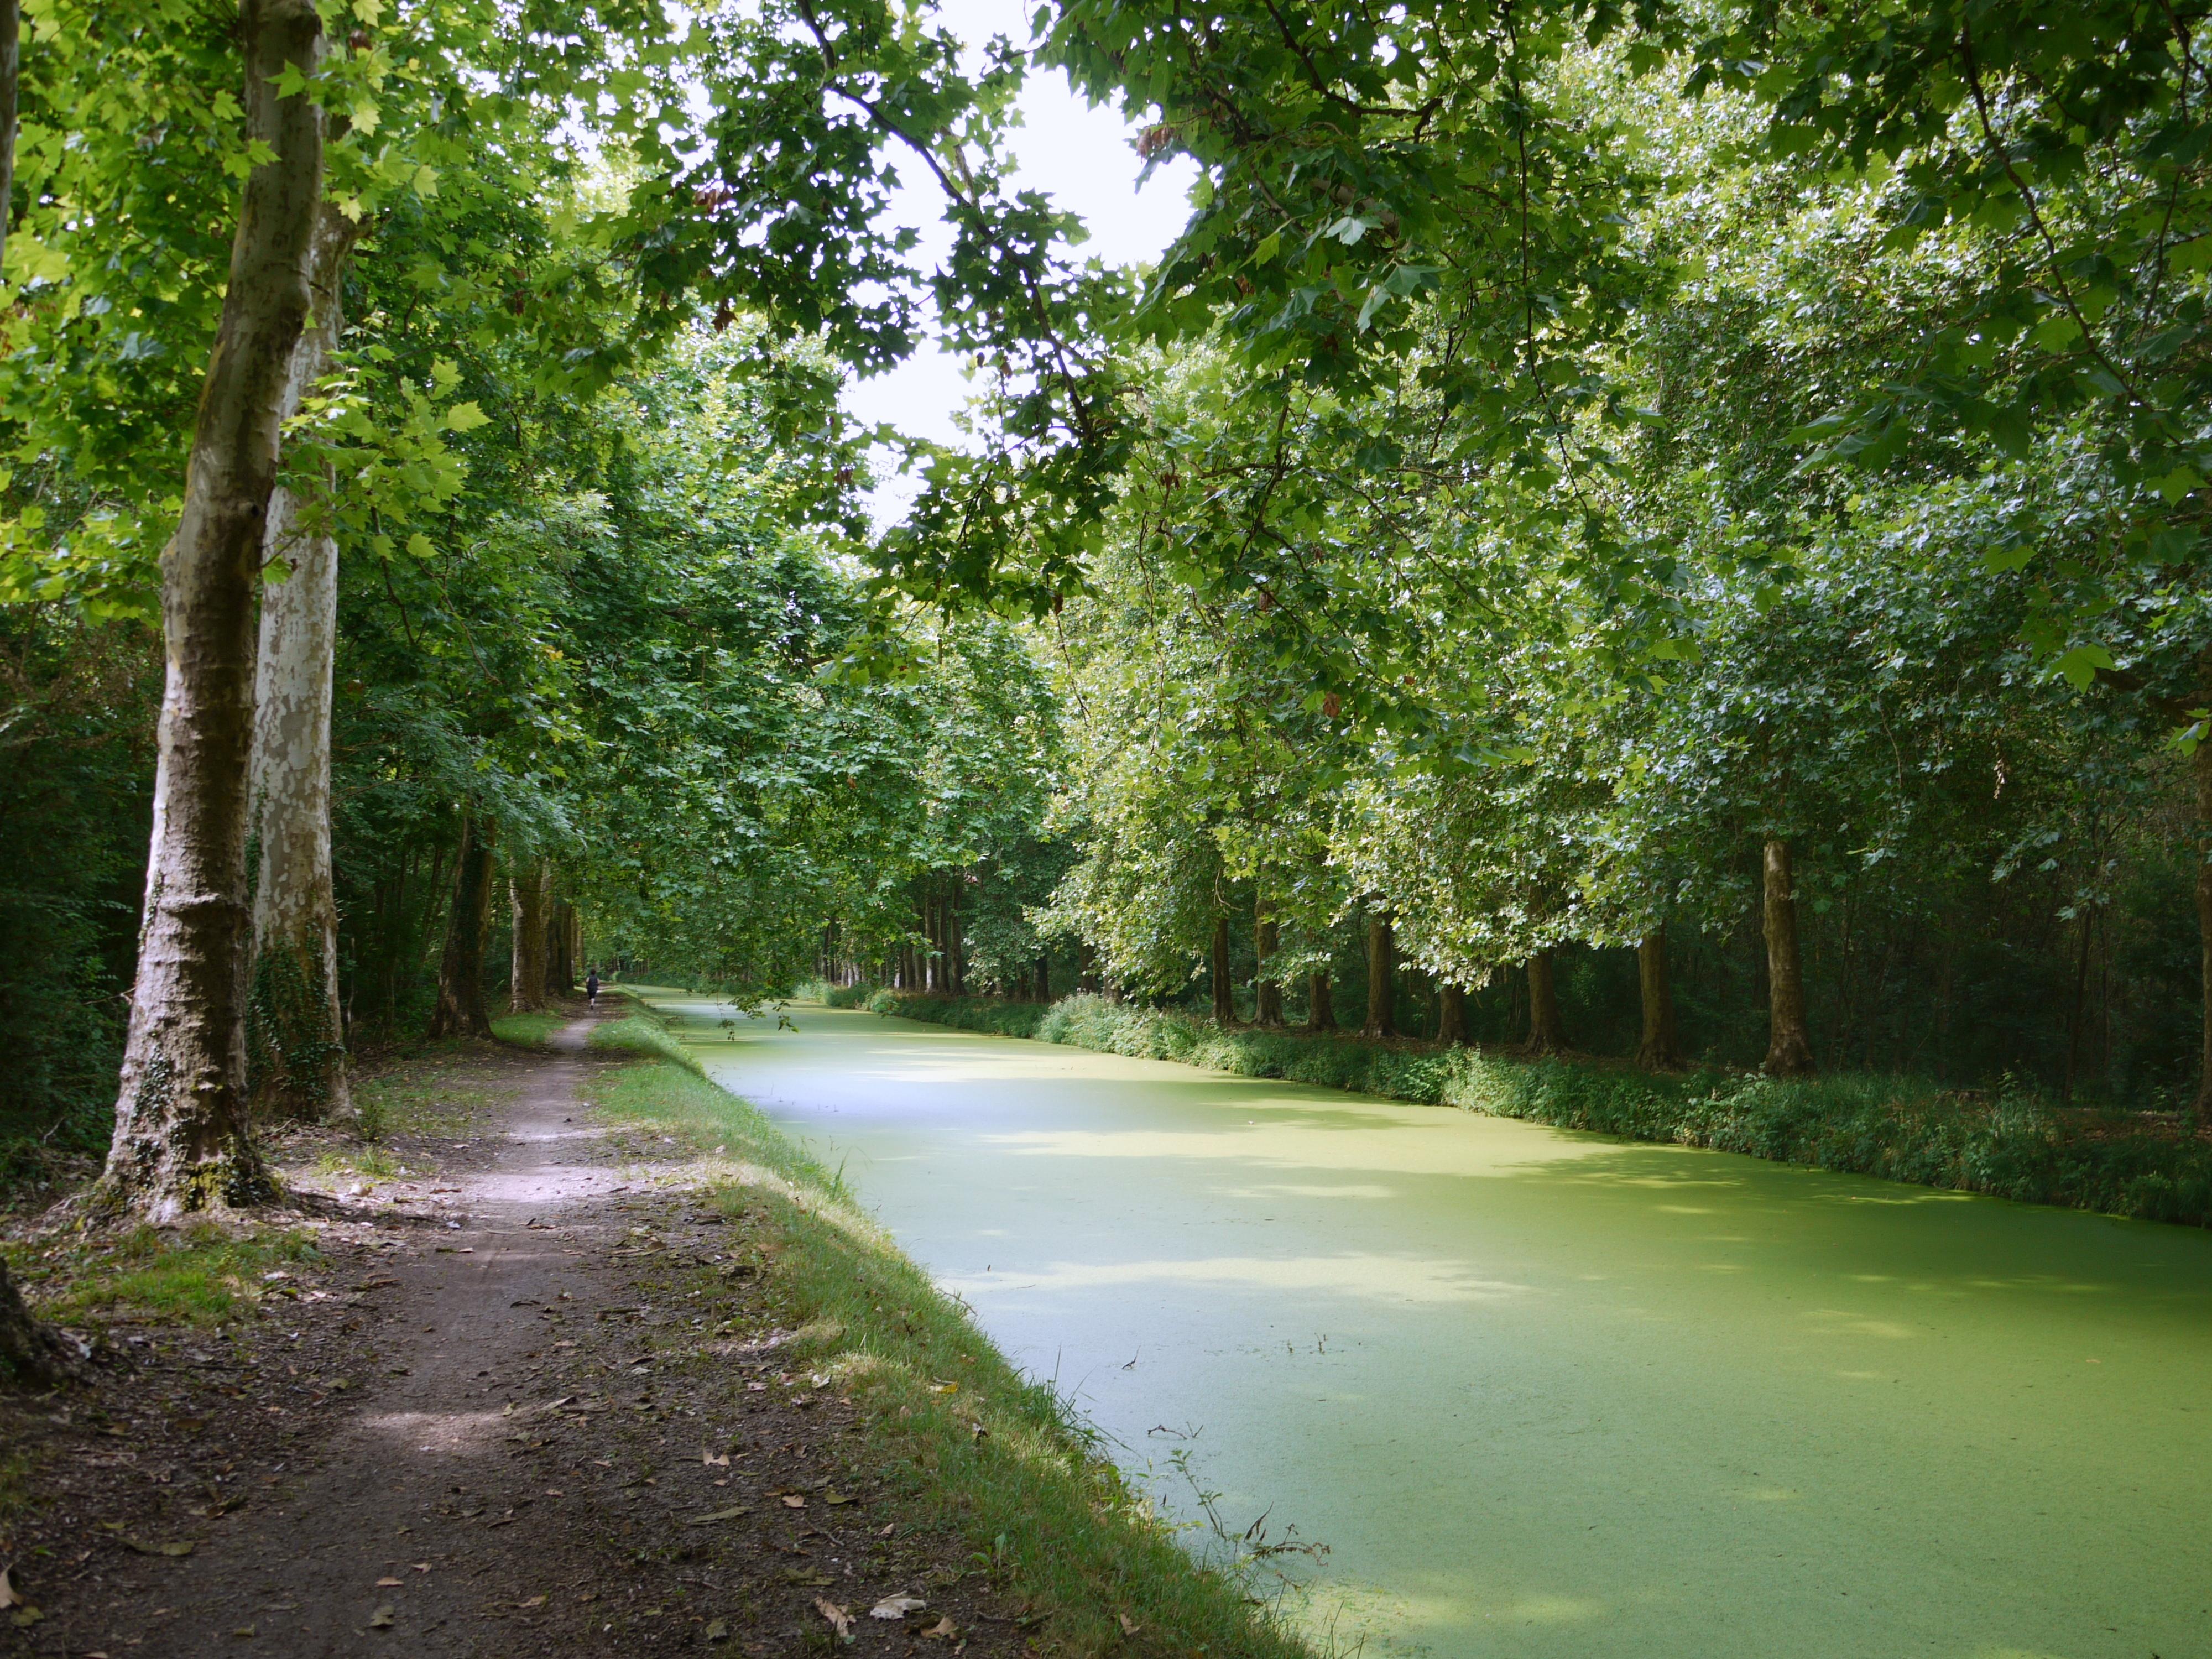 Maître D Oeuvre Orléans projet de restauration du canal d'orléans — wikipédia